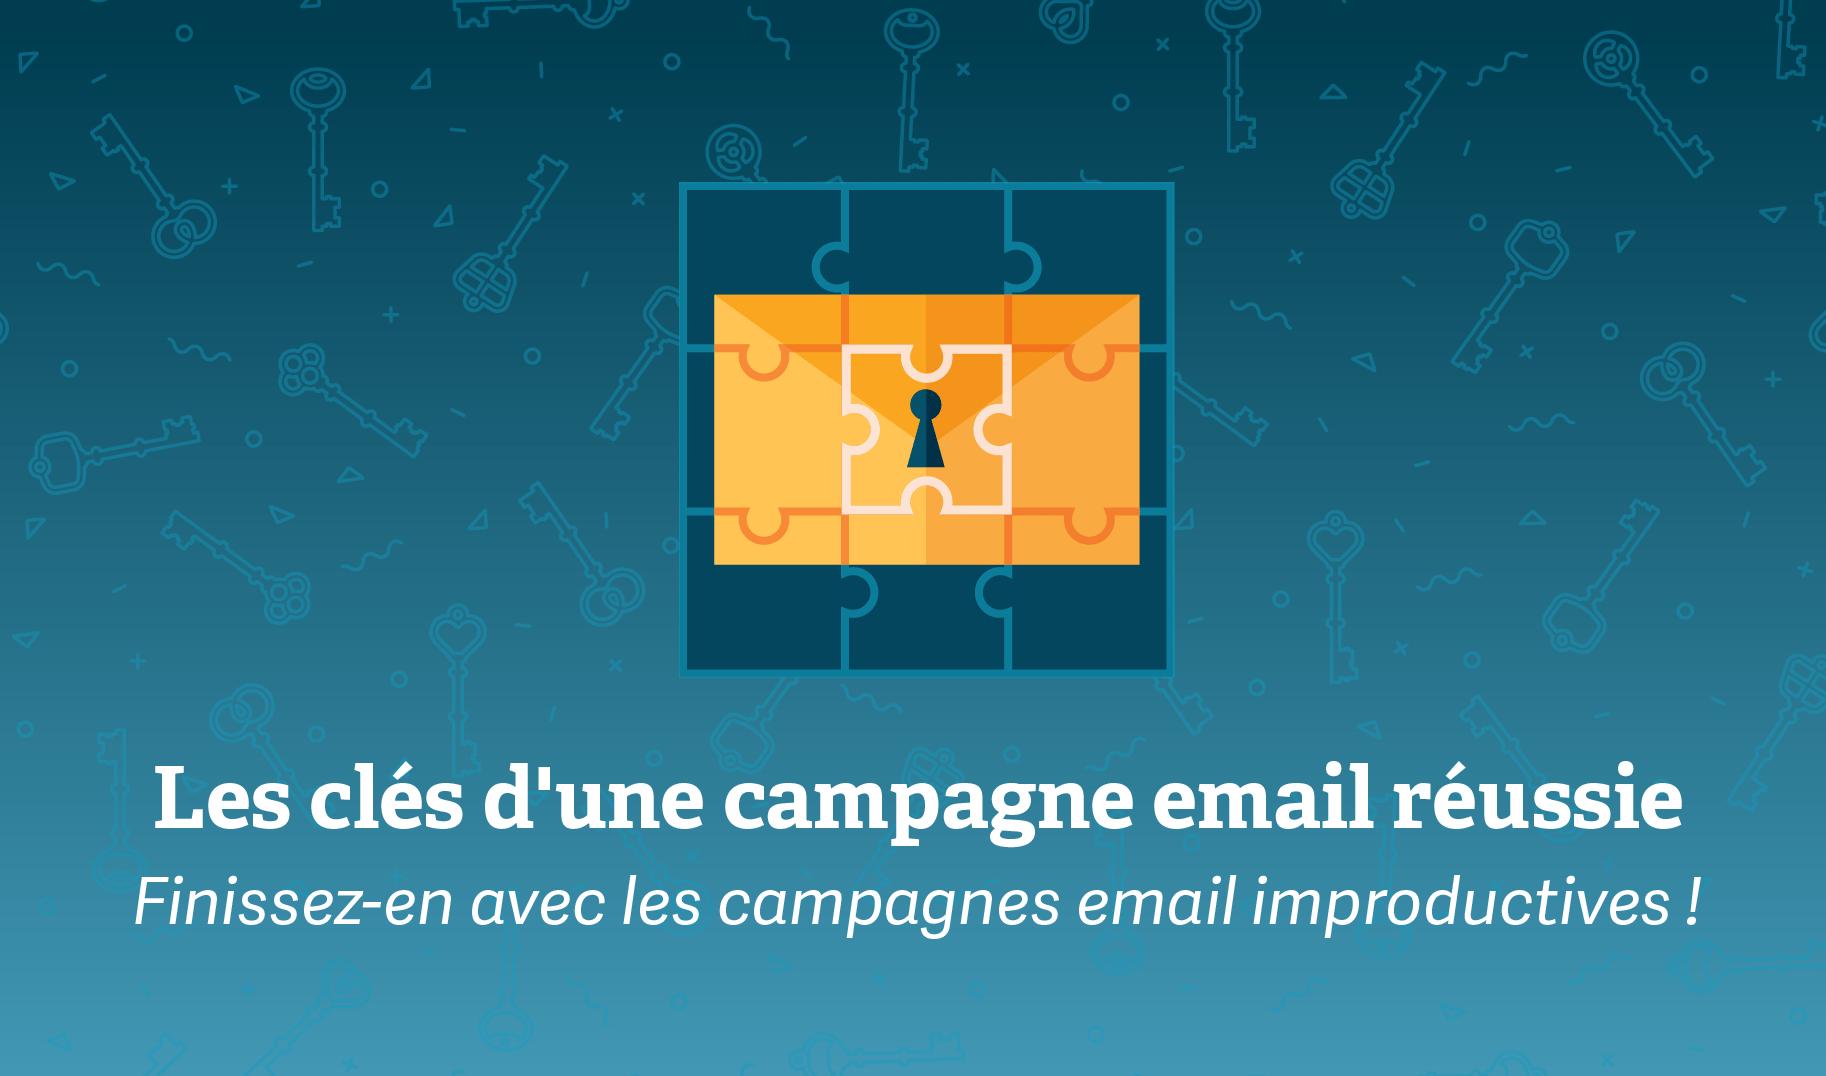 Les clés d'une campagne email réussie